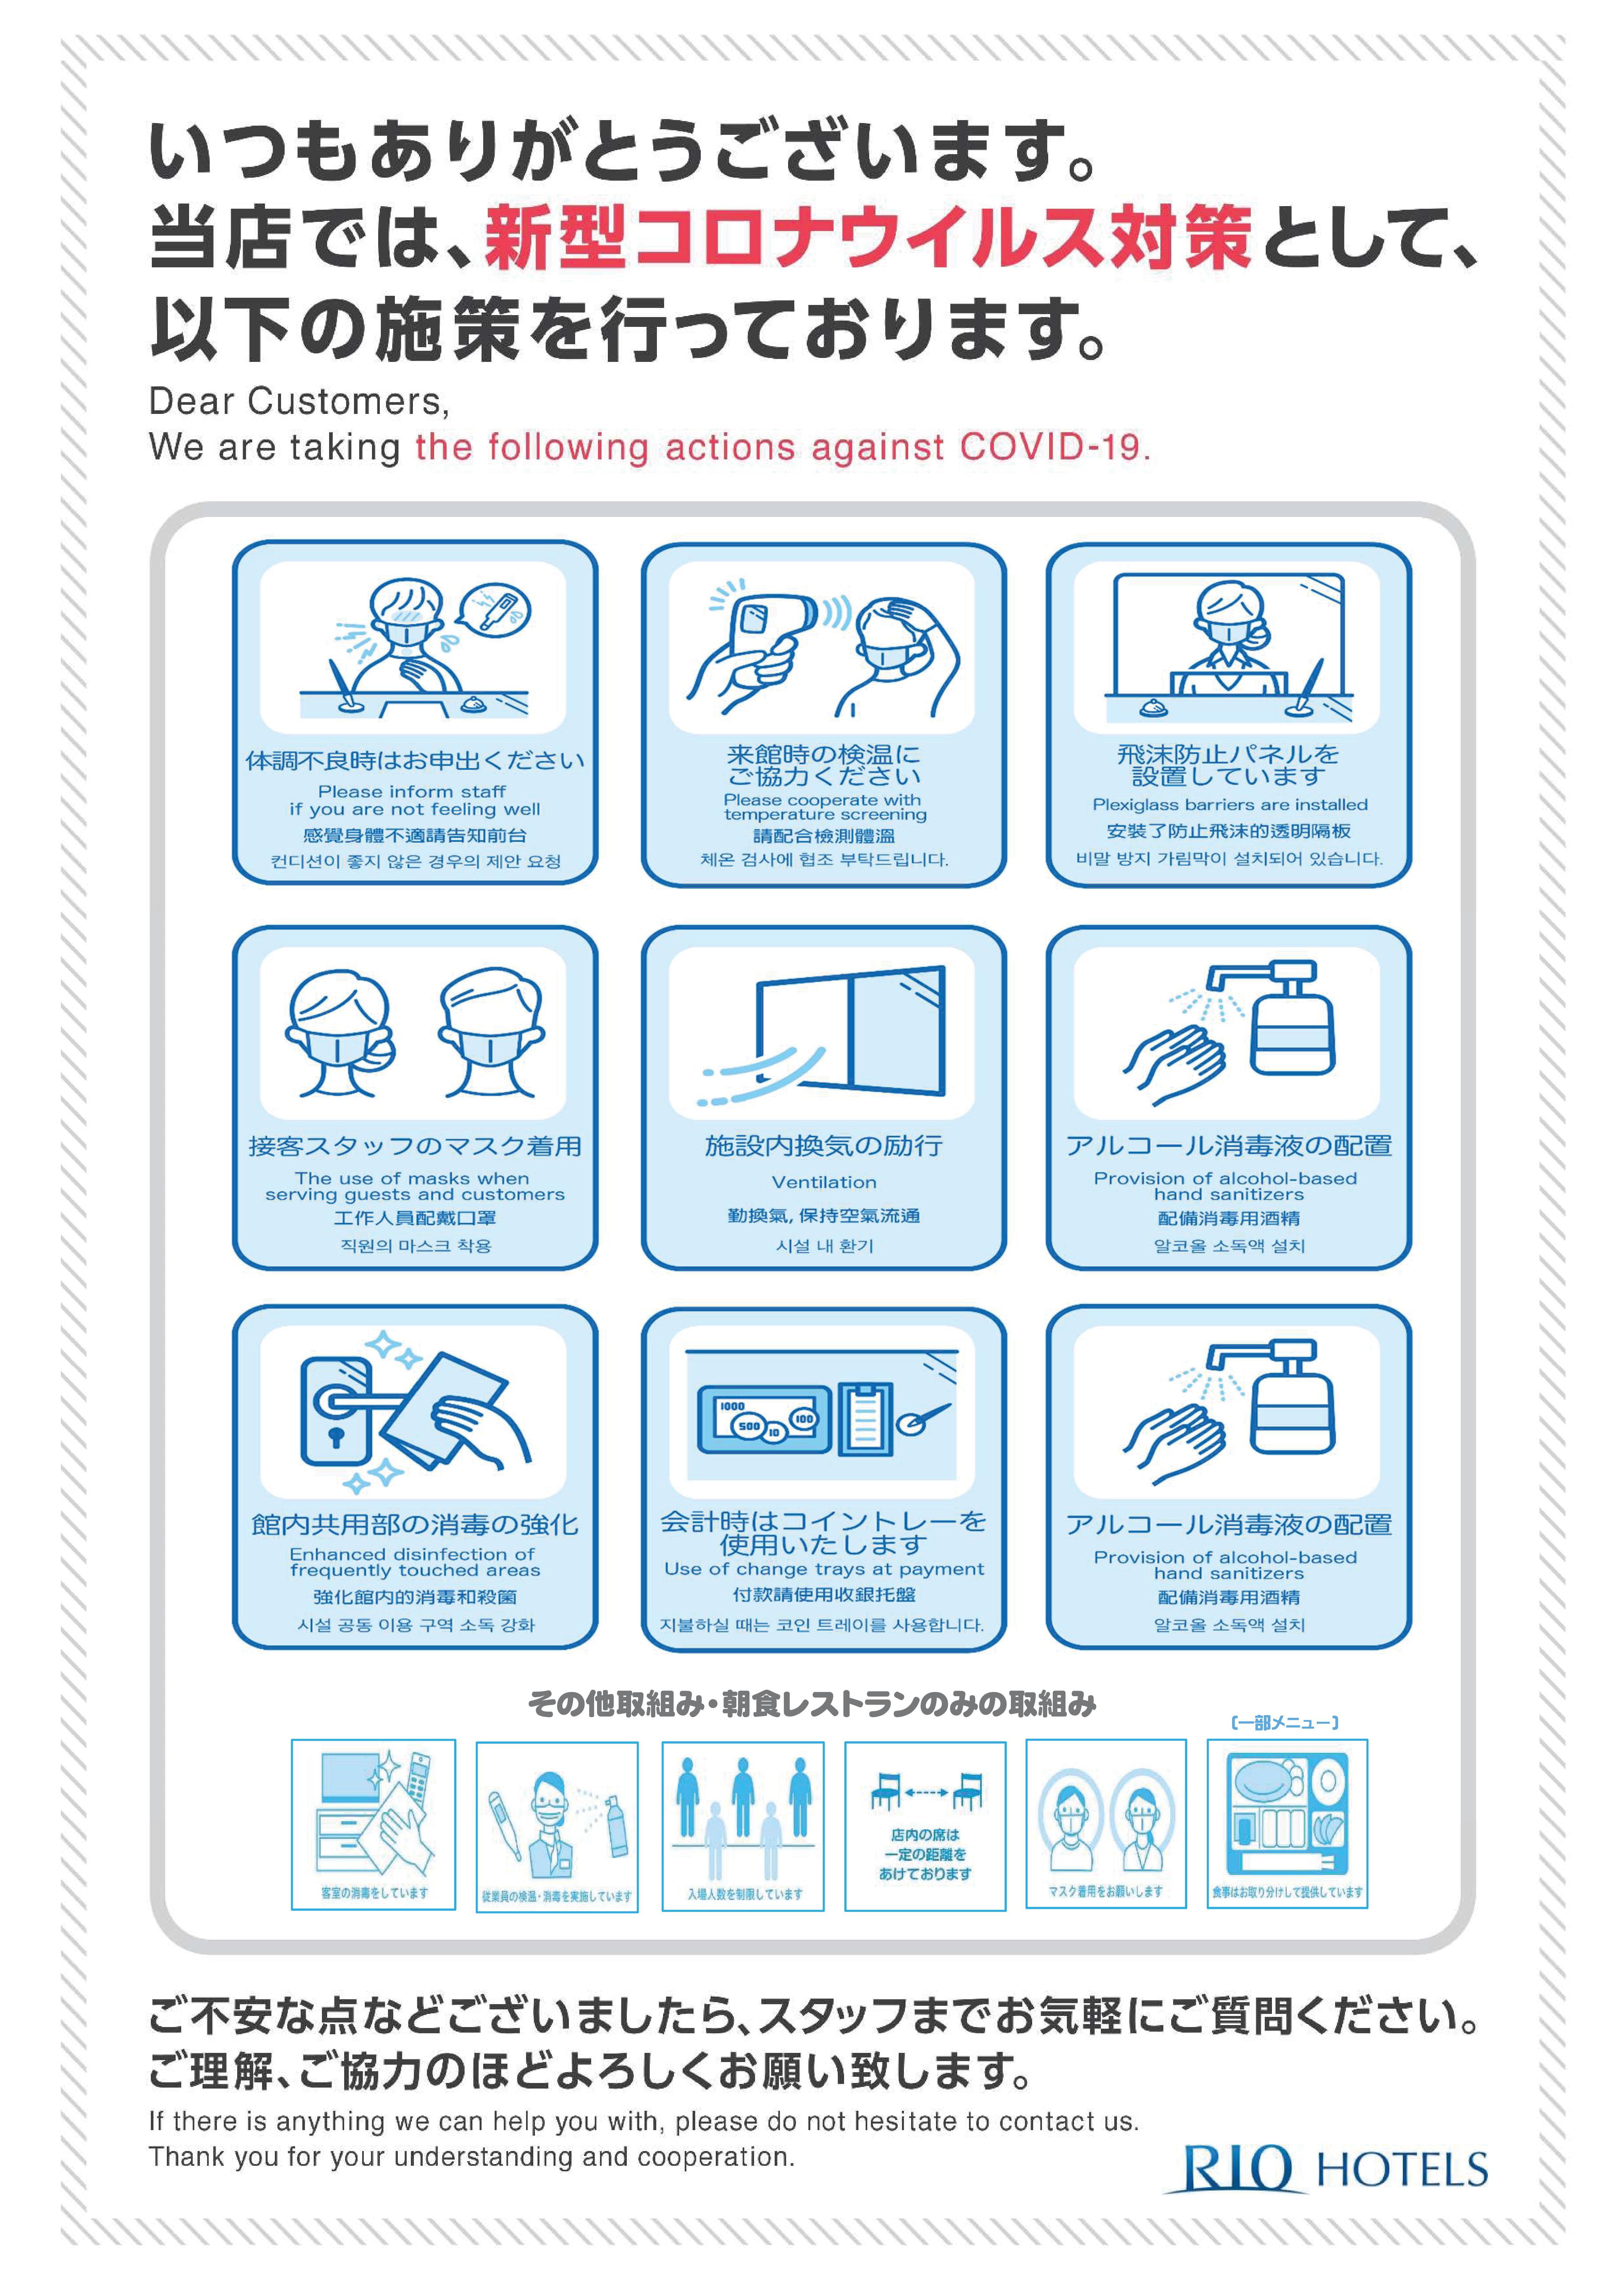 【津西】コロナ対策実施案内20.7.21